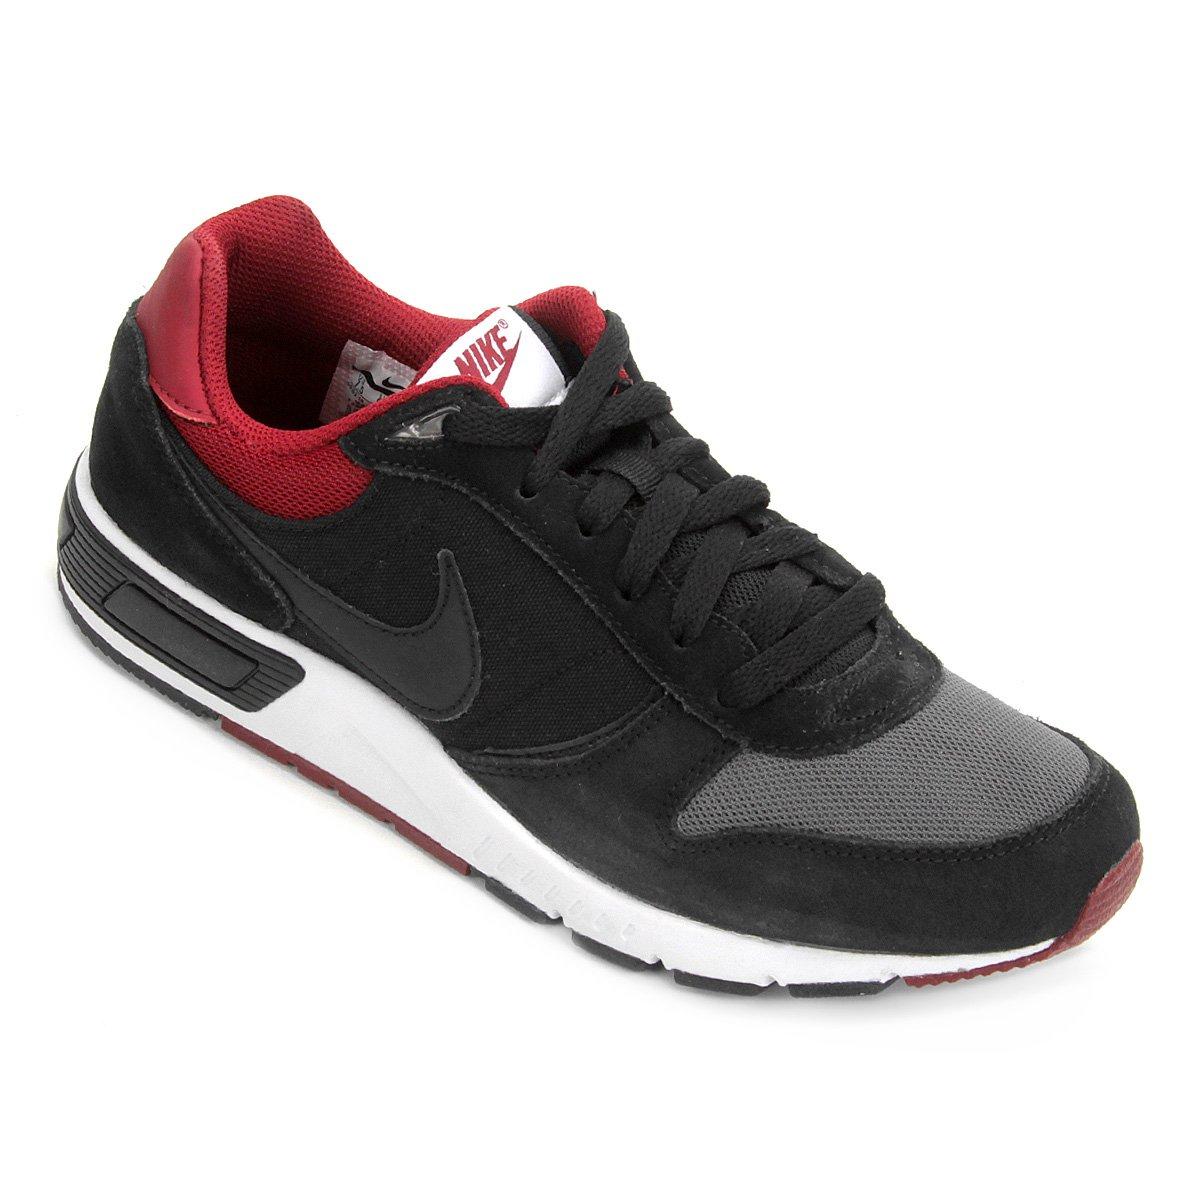 9a243c7f91 Tênis Nike Nightgazer Masculino - Preto - Compre Agora